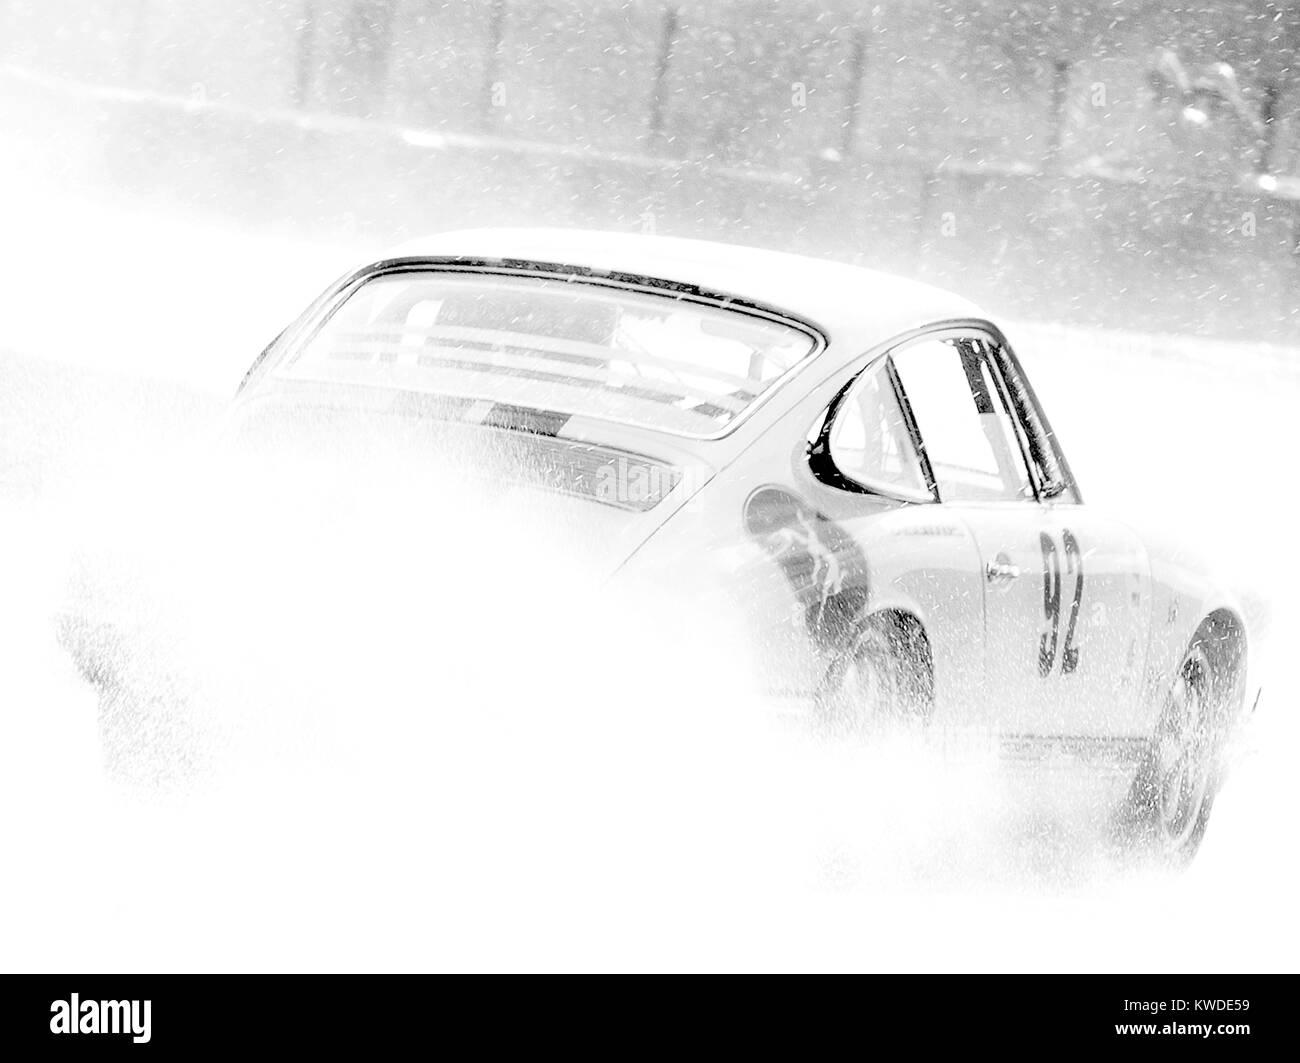 Porsche 911 In Rain Spa 6hrs Classic Black And White No 92